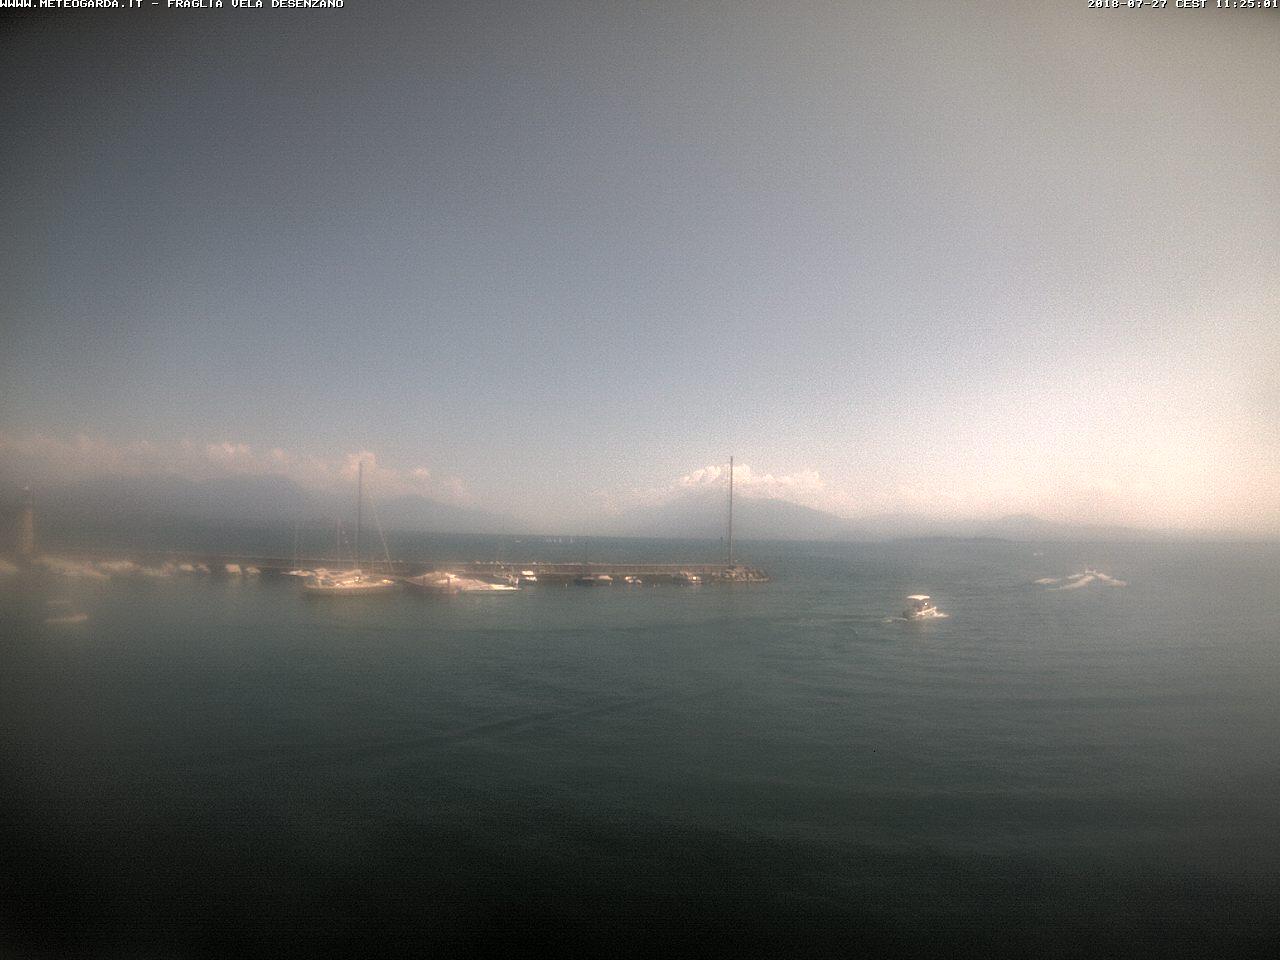 Webcam Desenzano del Garda